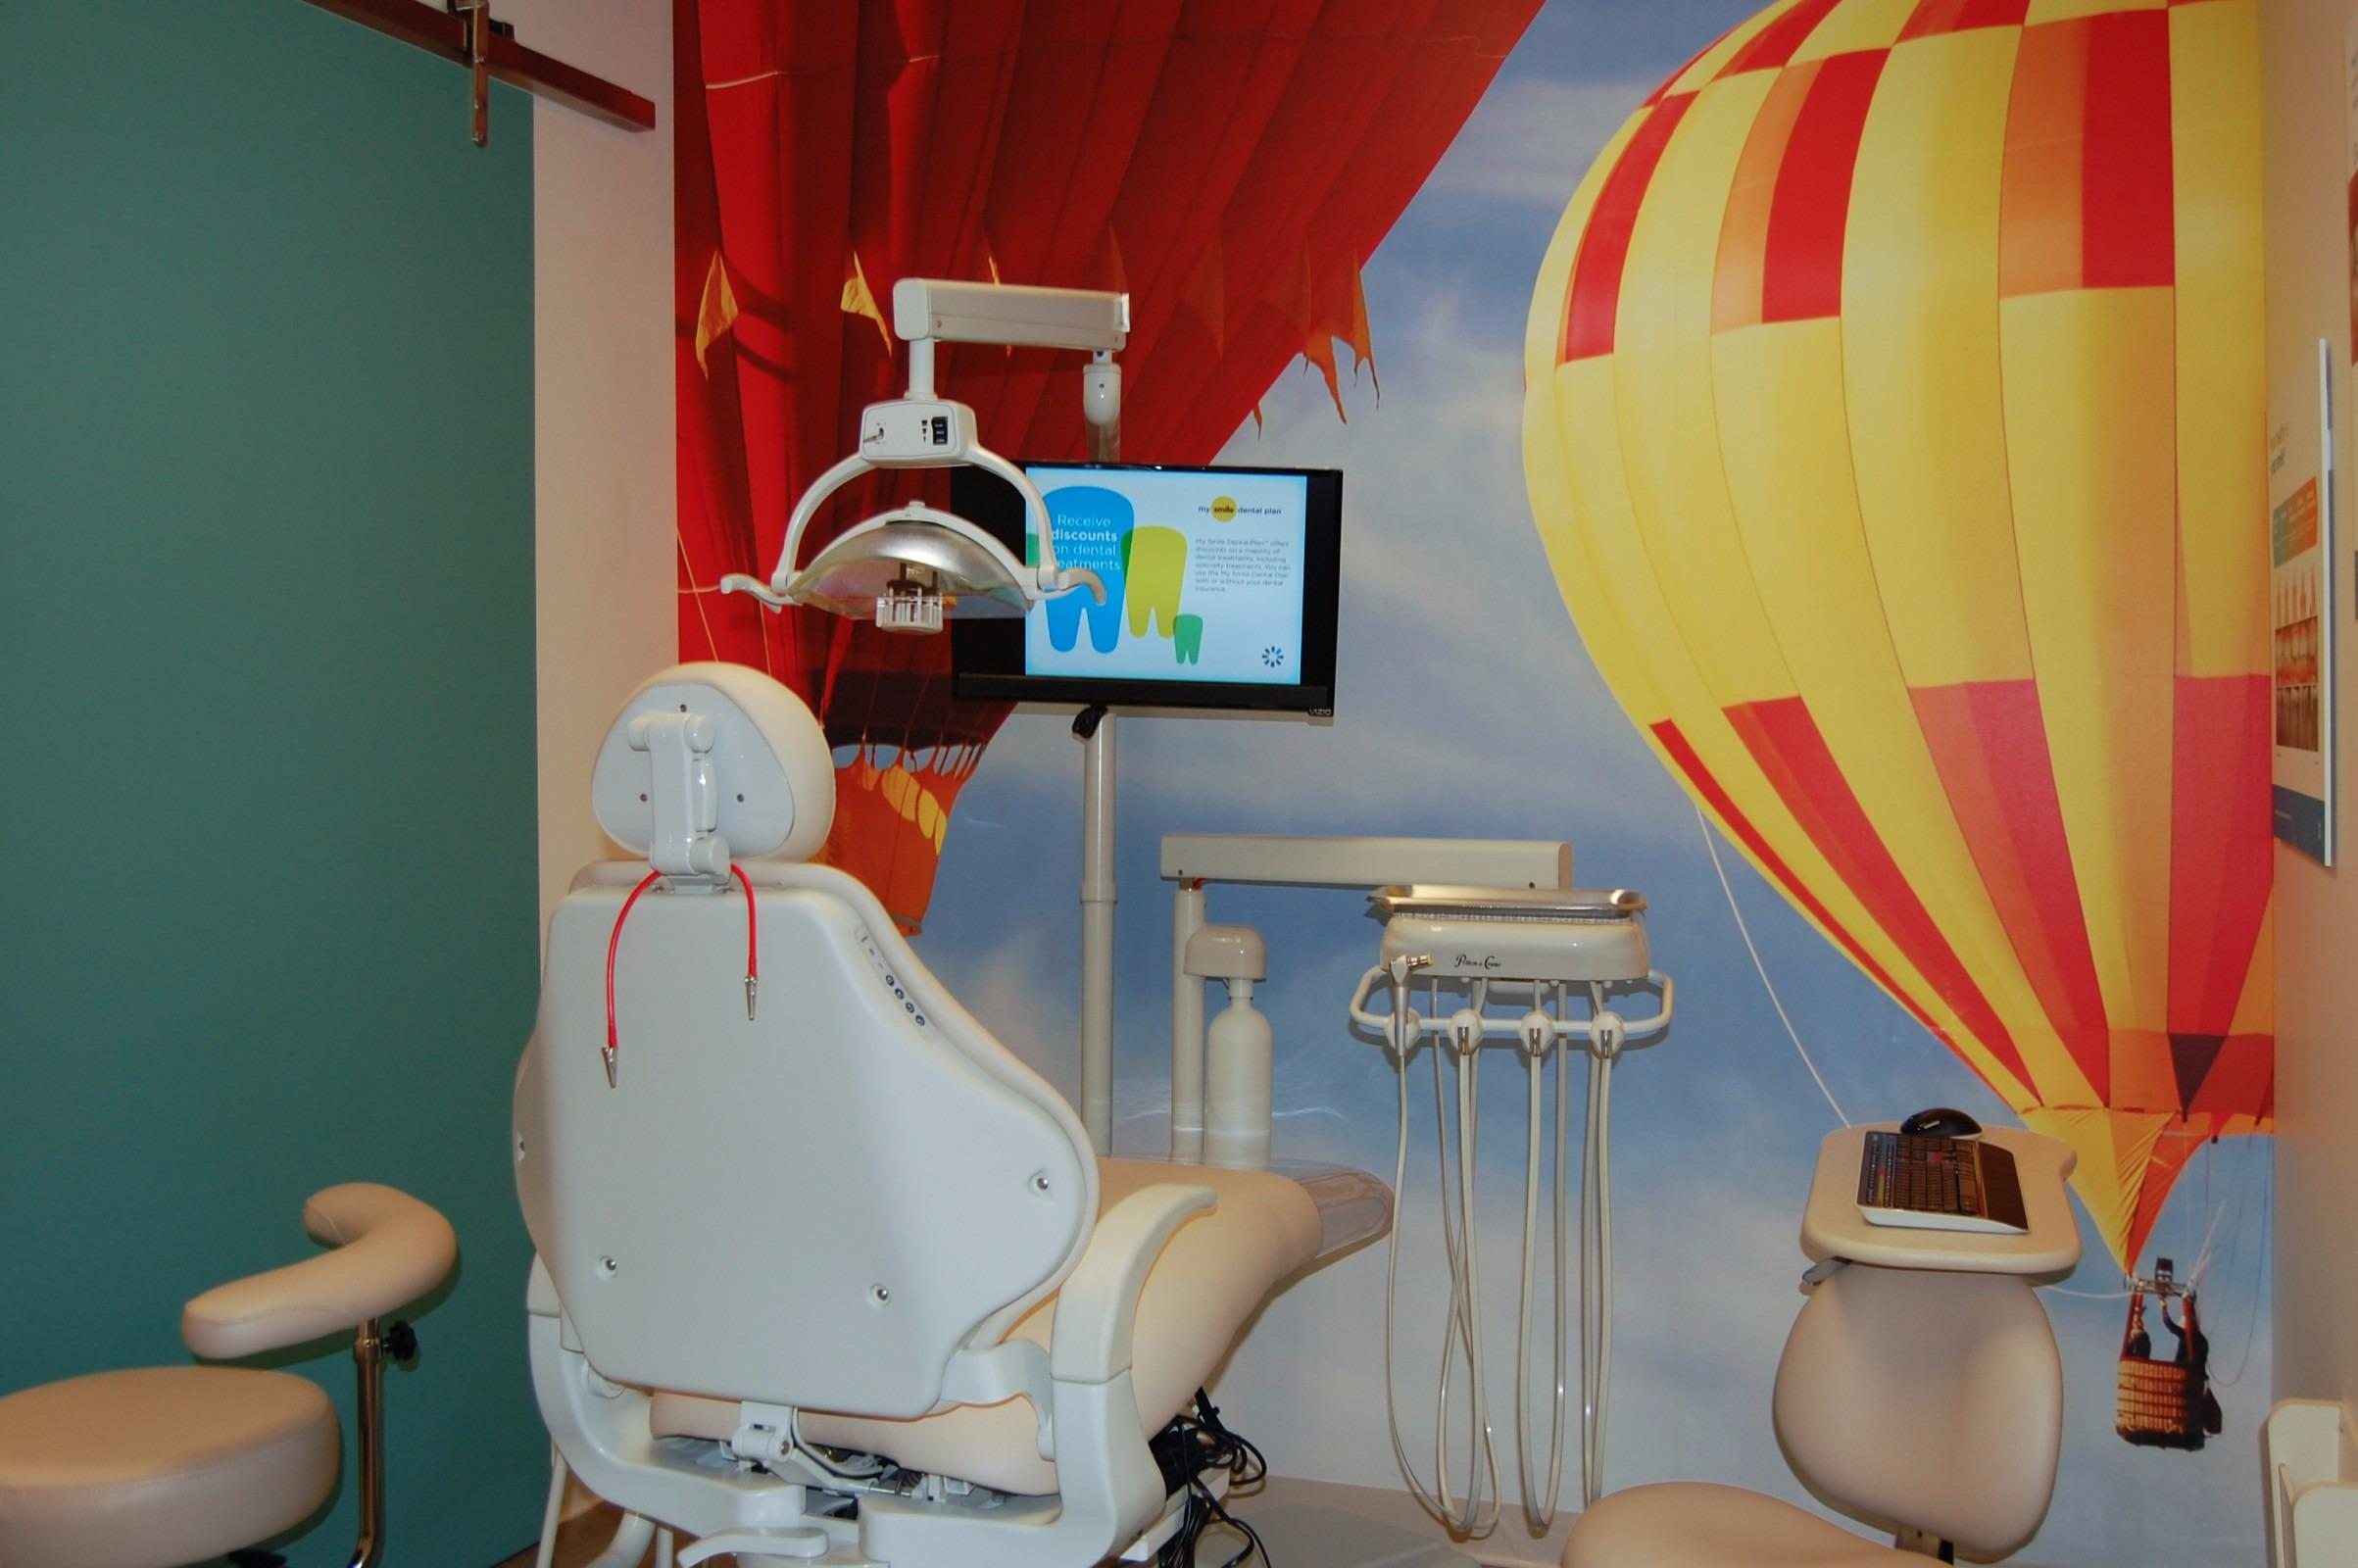 Santa Fe Dentist Office image 4